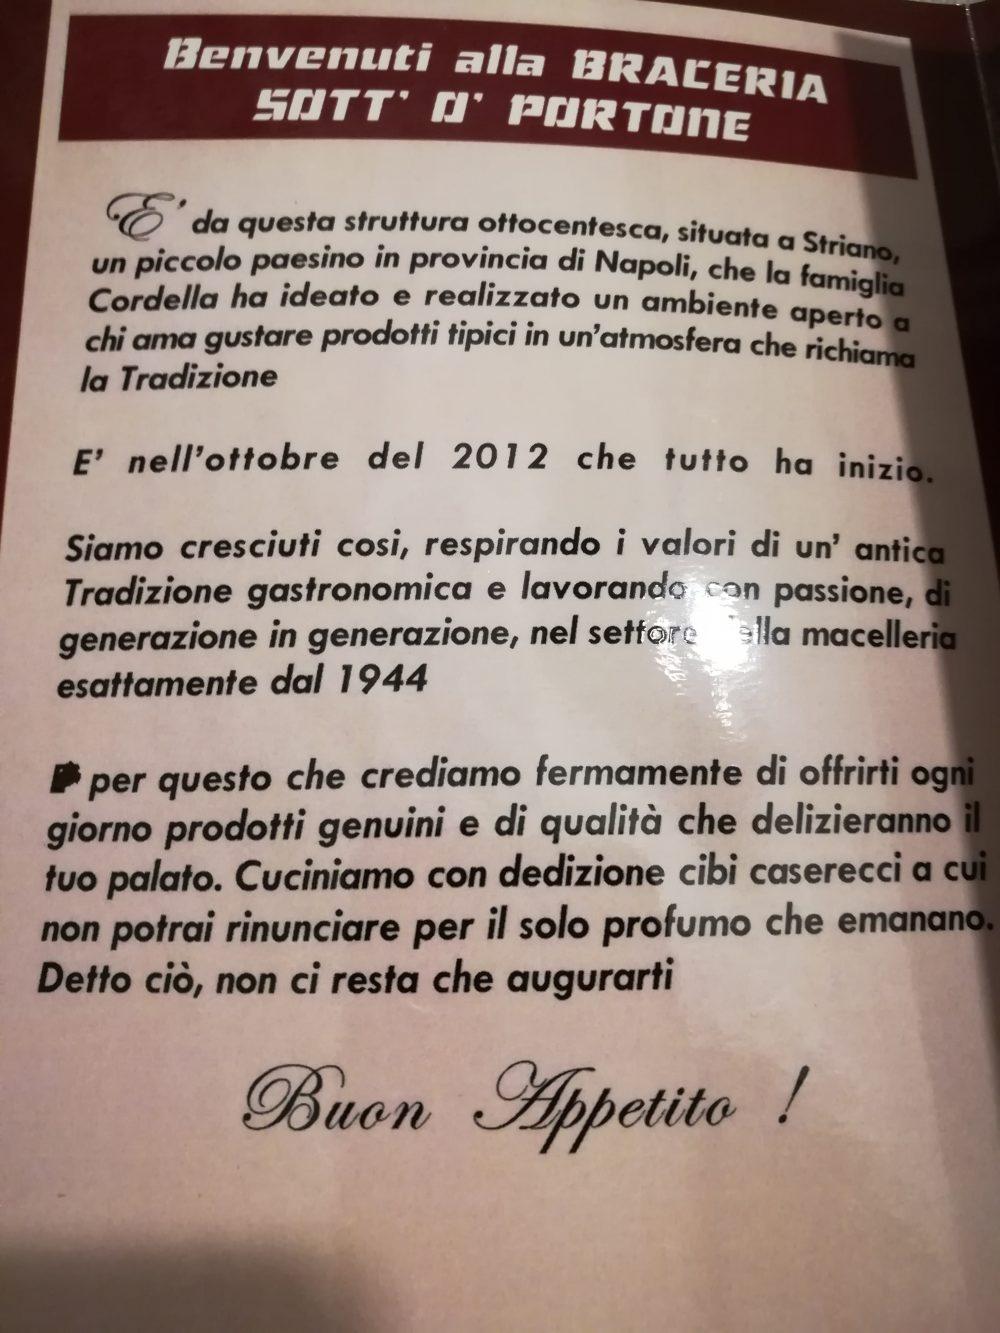 Braceria Sott'o' Portone - La Filosofia del locale